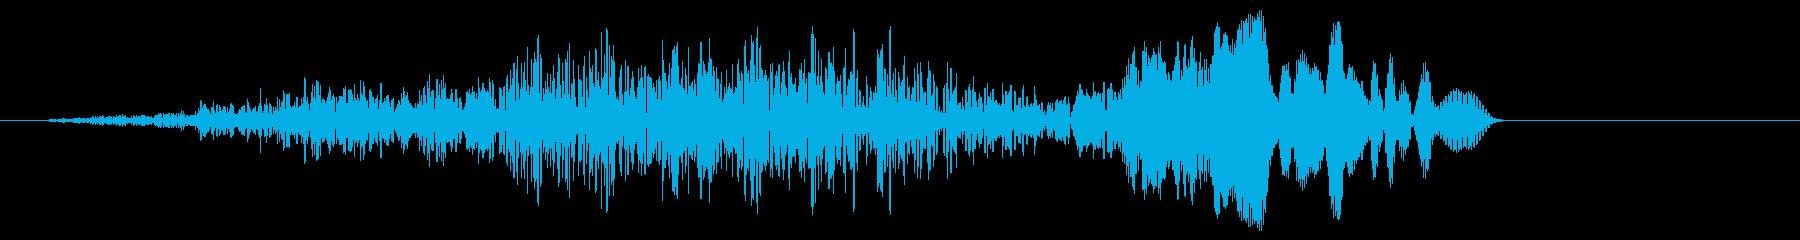 ヒュオッ(風が吹くような効果音)の再生済みの波形